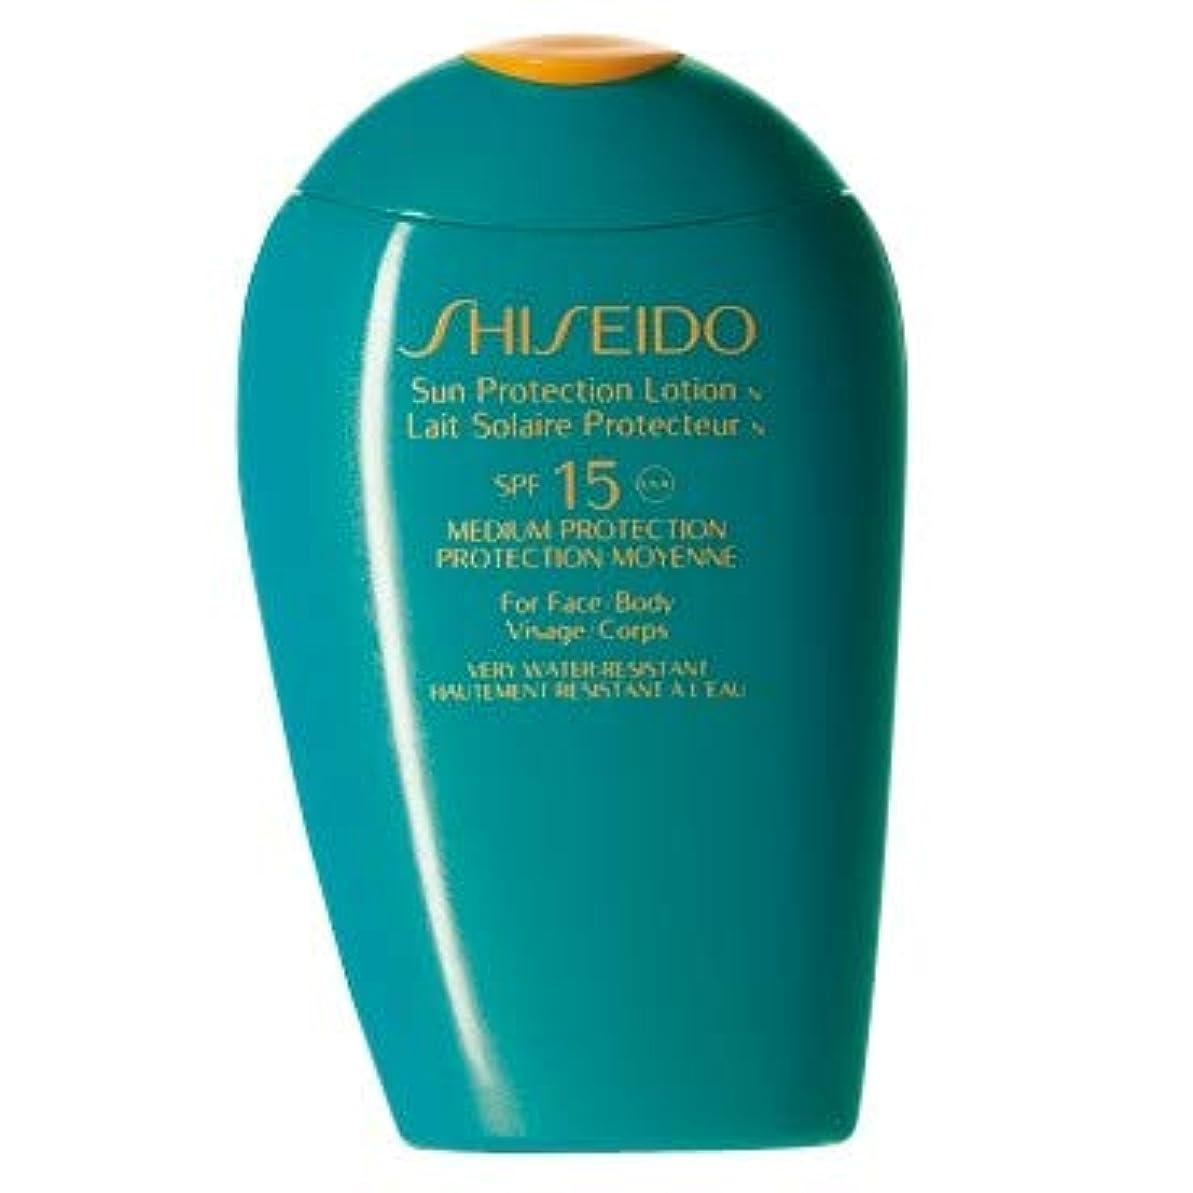 トマトバラバラにするアシスタント[Shiseido] 資生堂日焼け止めローションSpf15 N個の150ミリリットル - Shiseido Sun Protection Lotion N Spf15 150ml [並行輸入品]